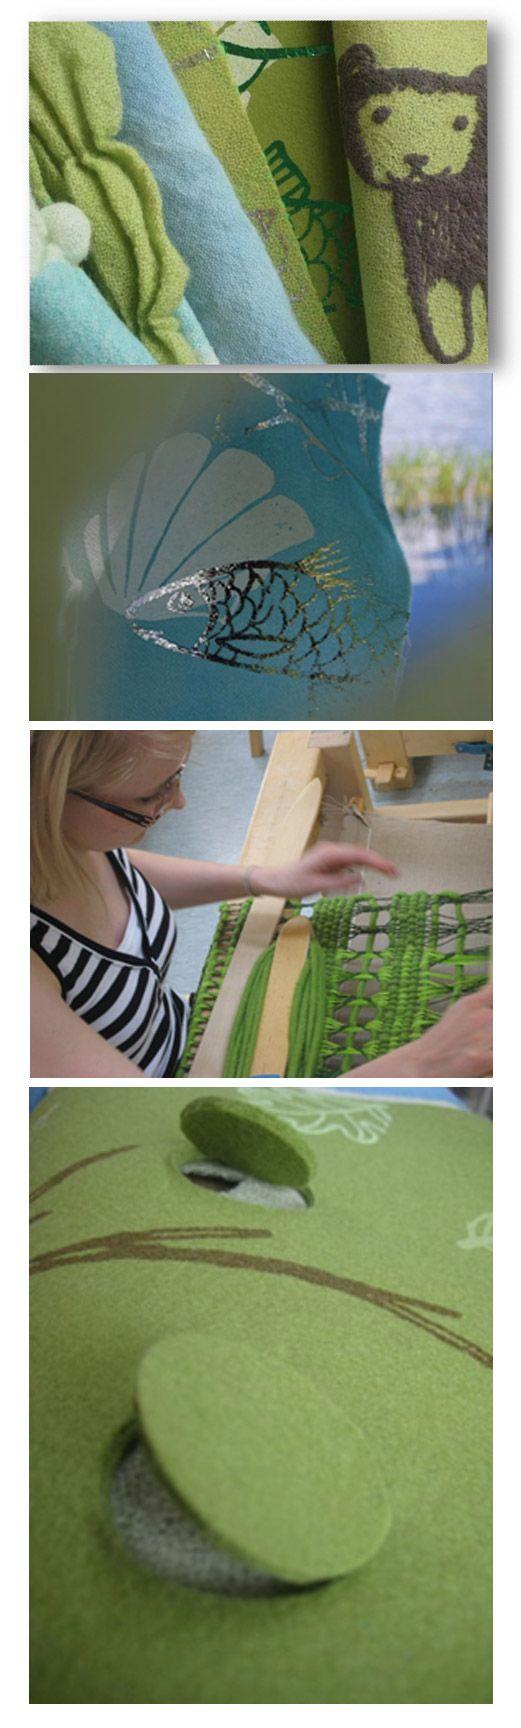 Wellbeing-tekstiilit: Aistihavaintokankaita erityisryhmille, reagoivien tekstiilipintojen mallintaminen // Tilaaja/Client: Wellbeing –hanke // Suunnittelijat/Designers: Hanna Vainio, Marja Lares, 2008